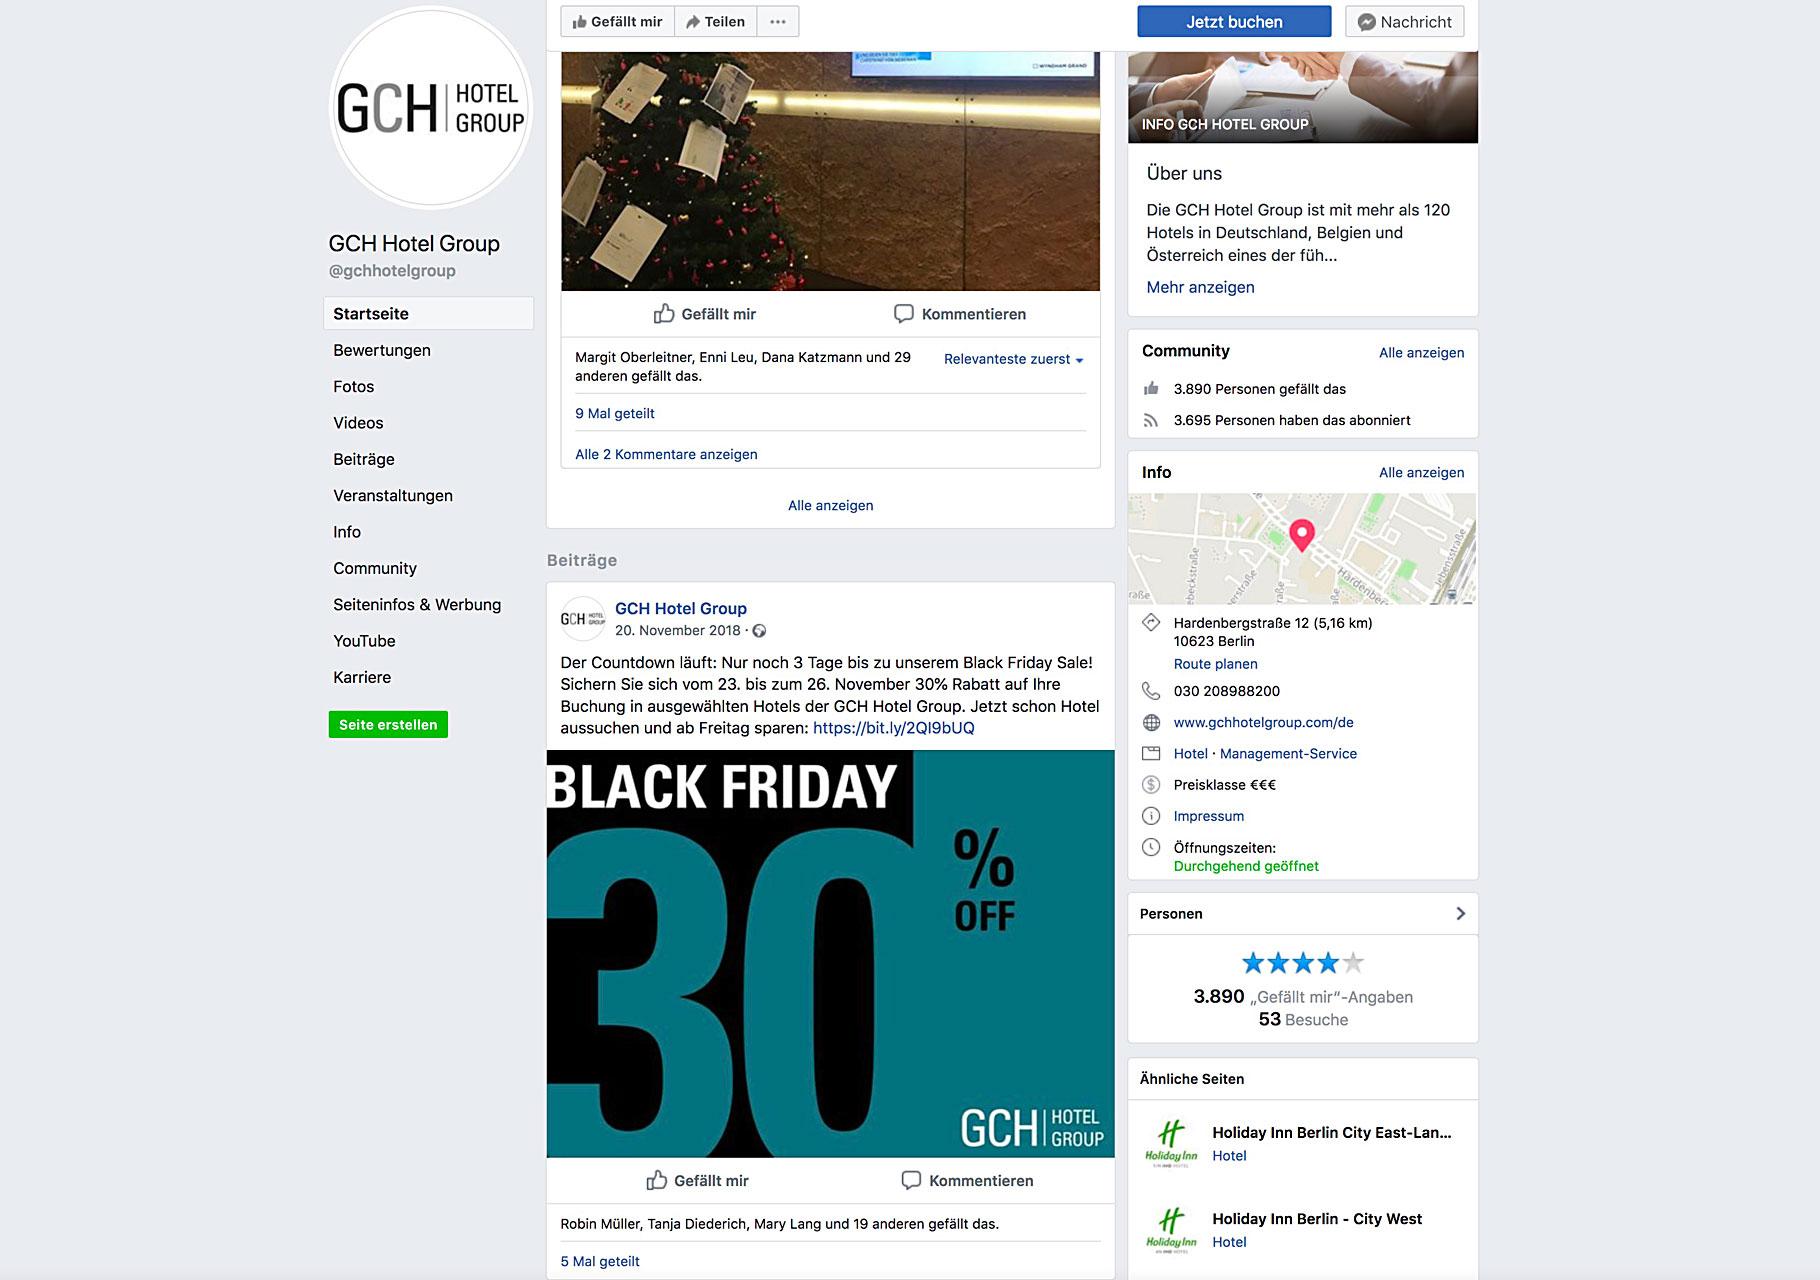 Banner veröffentlicht auf der Facebookseite der GCH Hotel Group